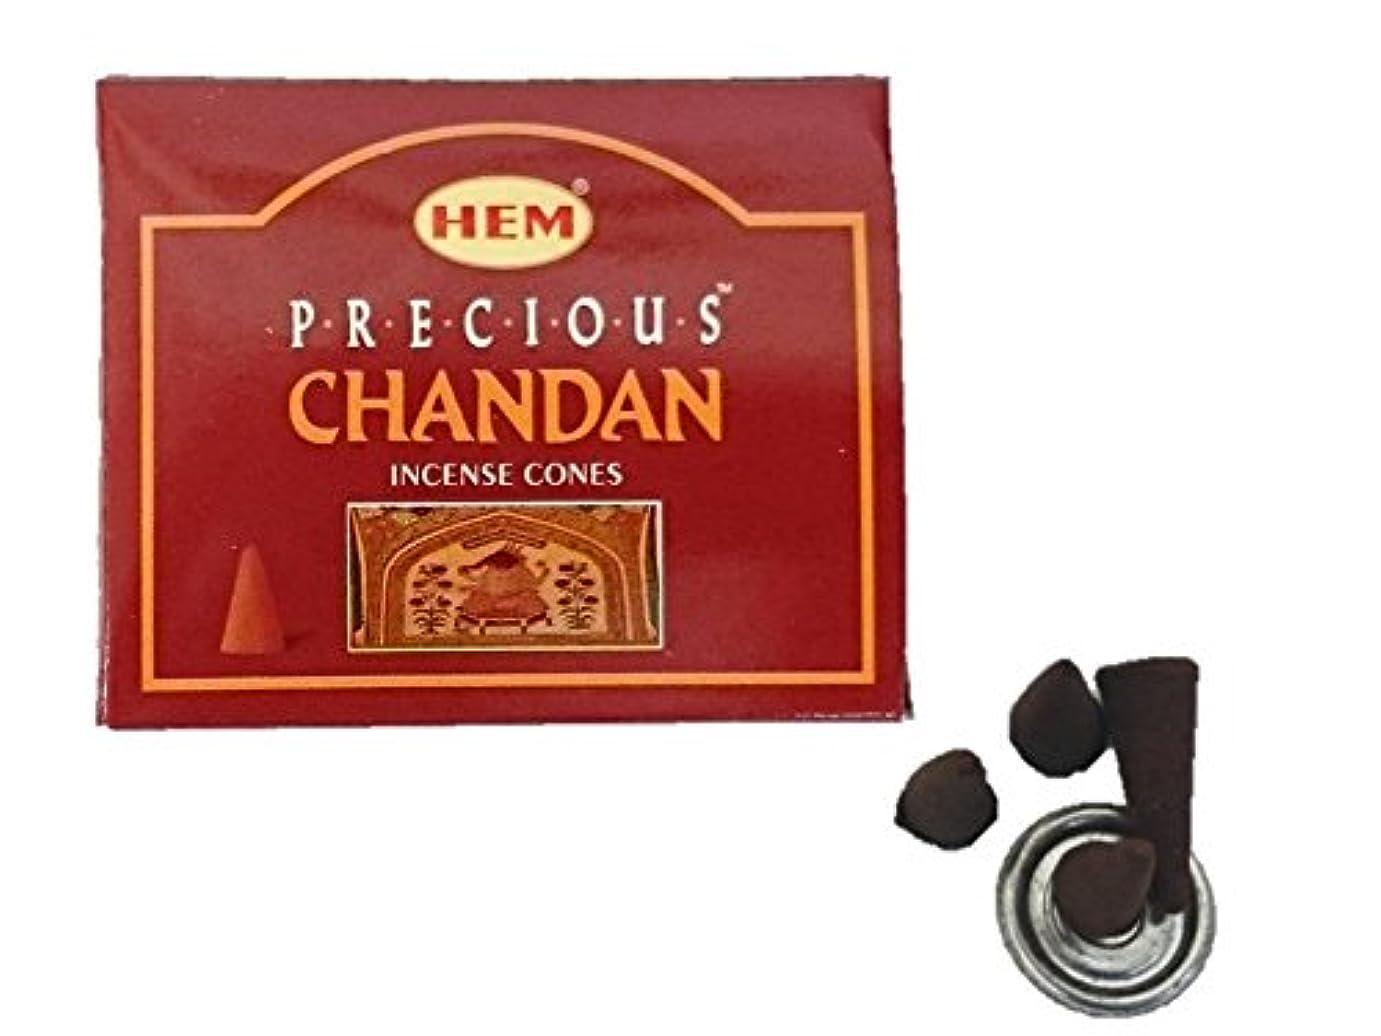 行くからに変化する宙返りHEM(ヘム)お香 プレシャス チャンダン コーン 1箱